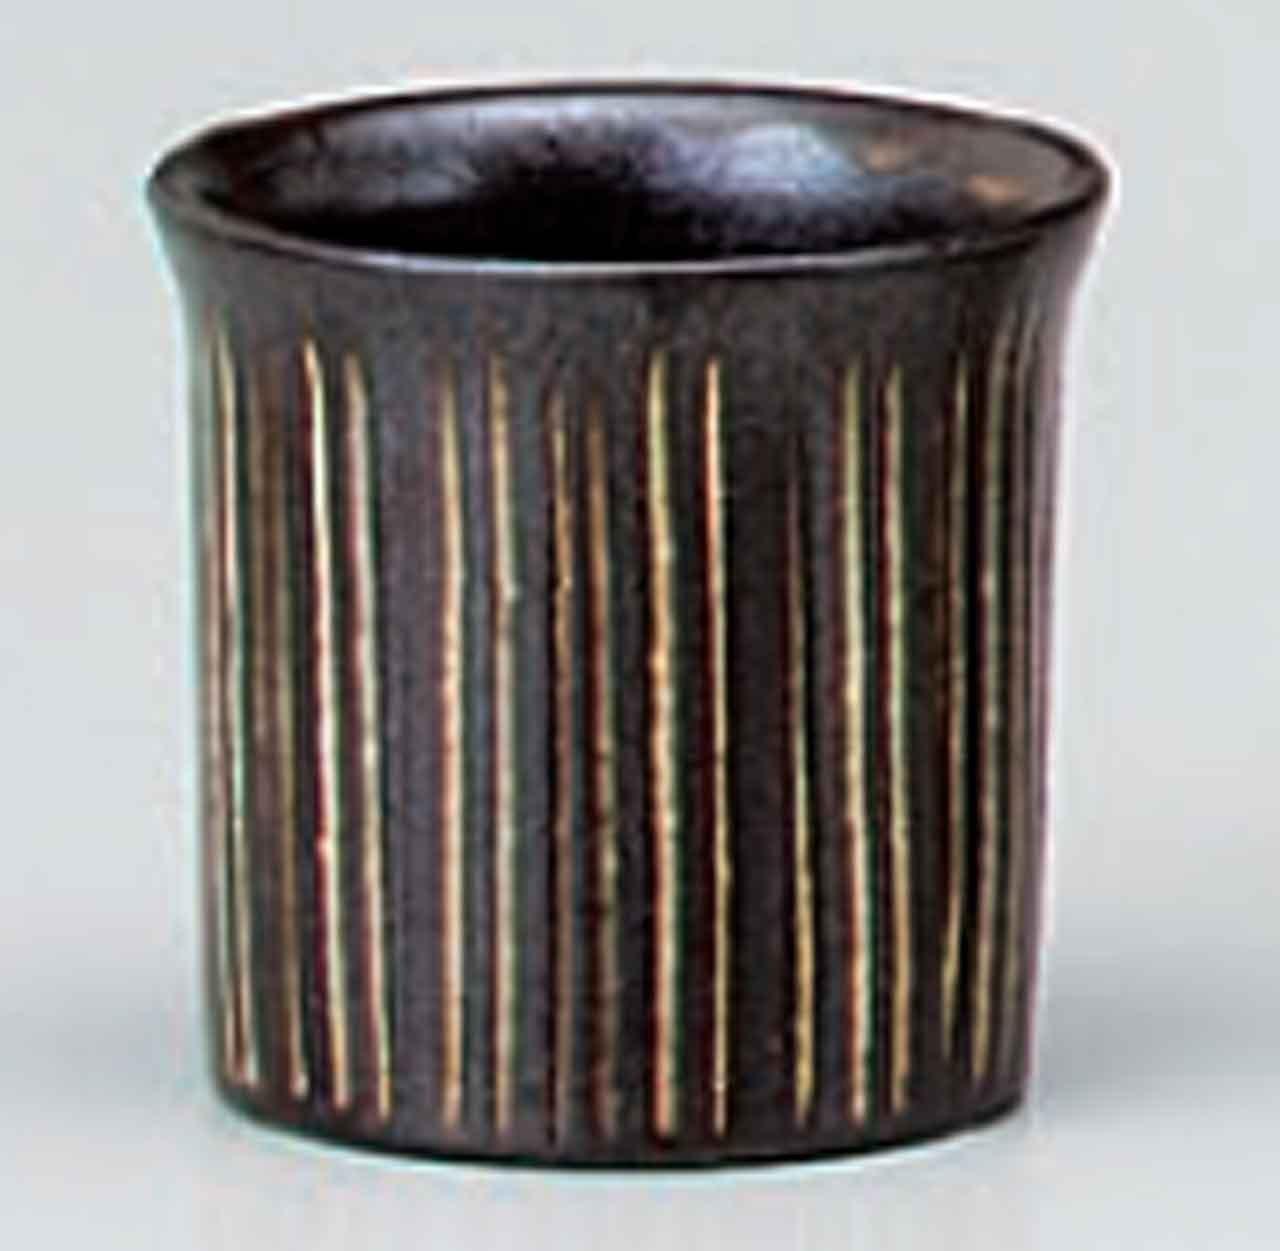 Tokusa-Hori 3.3inch Sake cup Brown porcelain Made in Japan